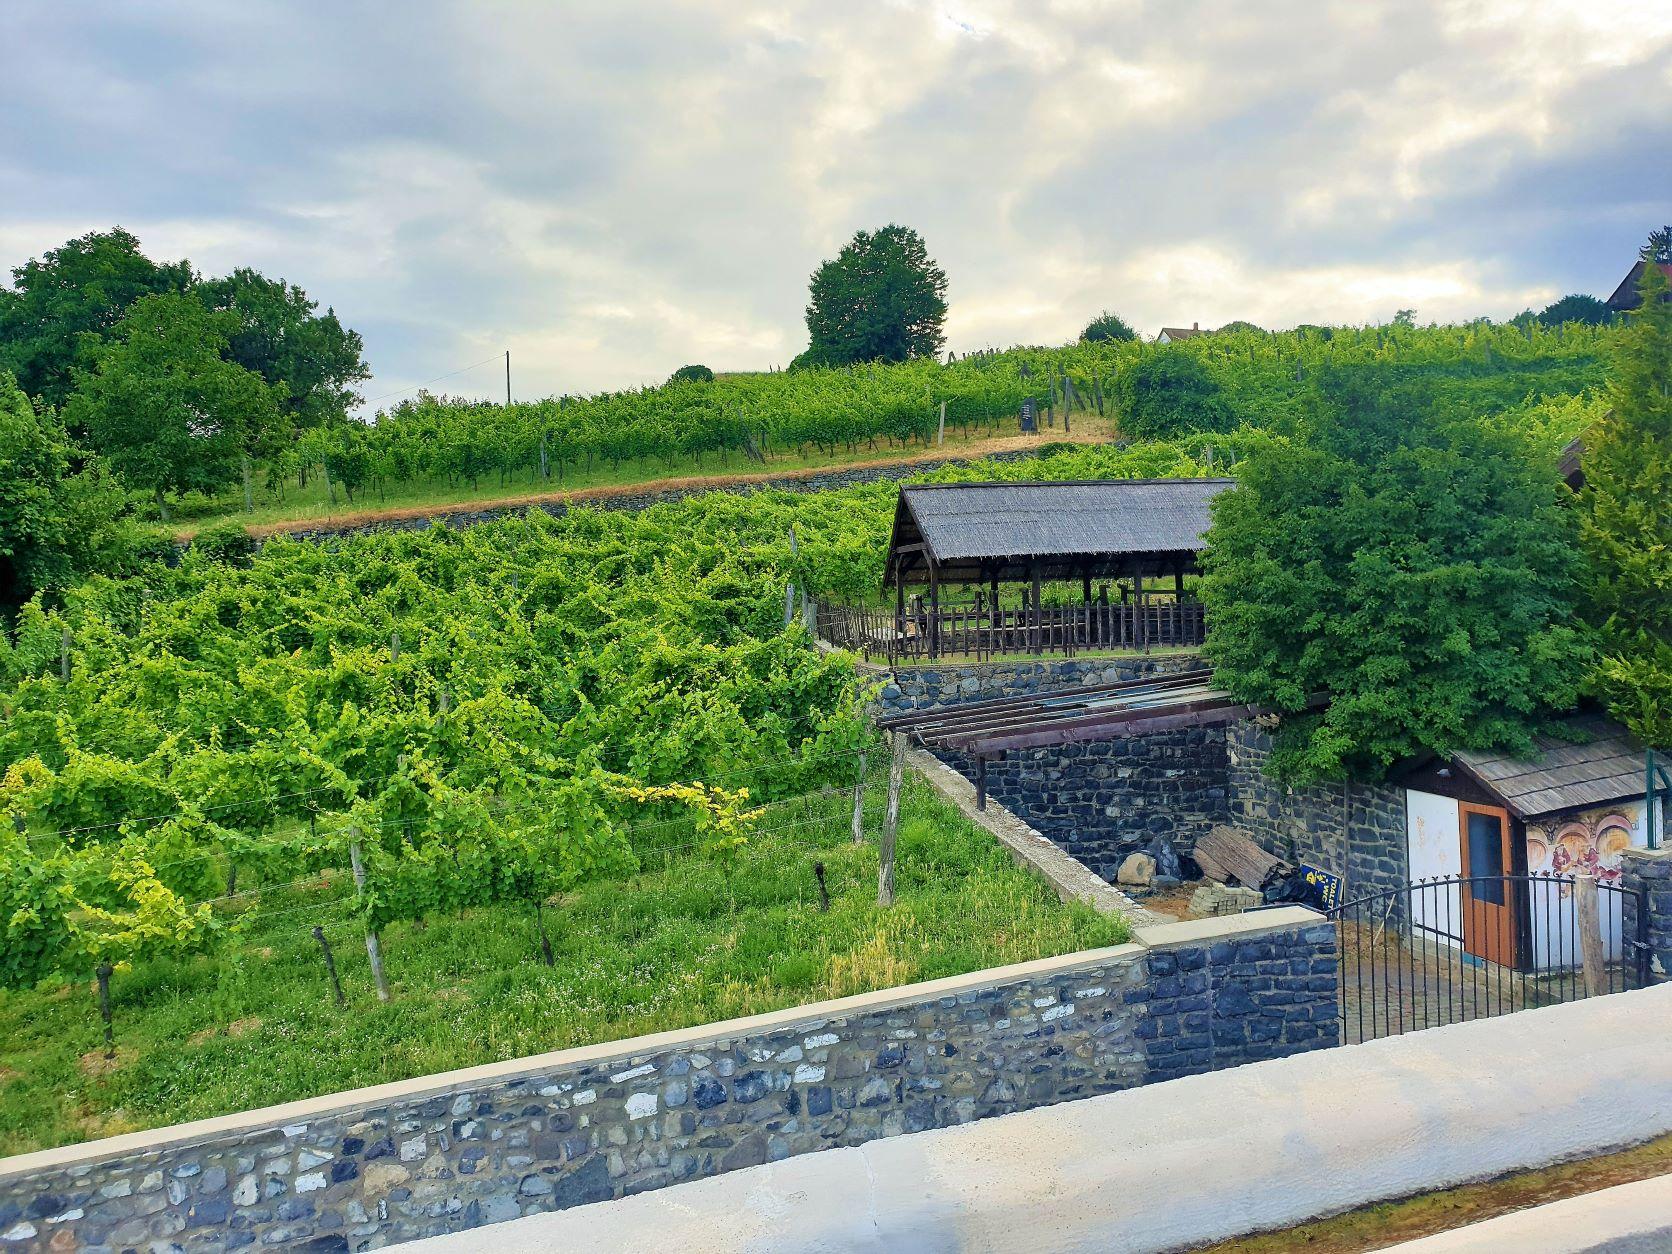 Ezekről a zöldellő tőkékről származik a szőlő, amiből a csodás helyi bor készül